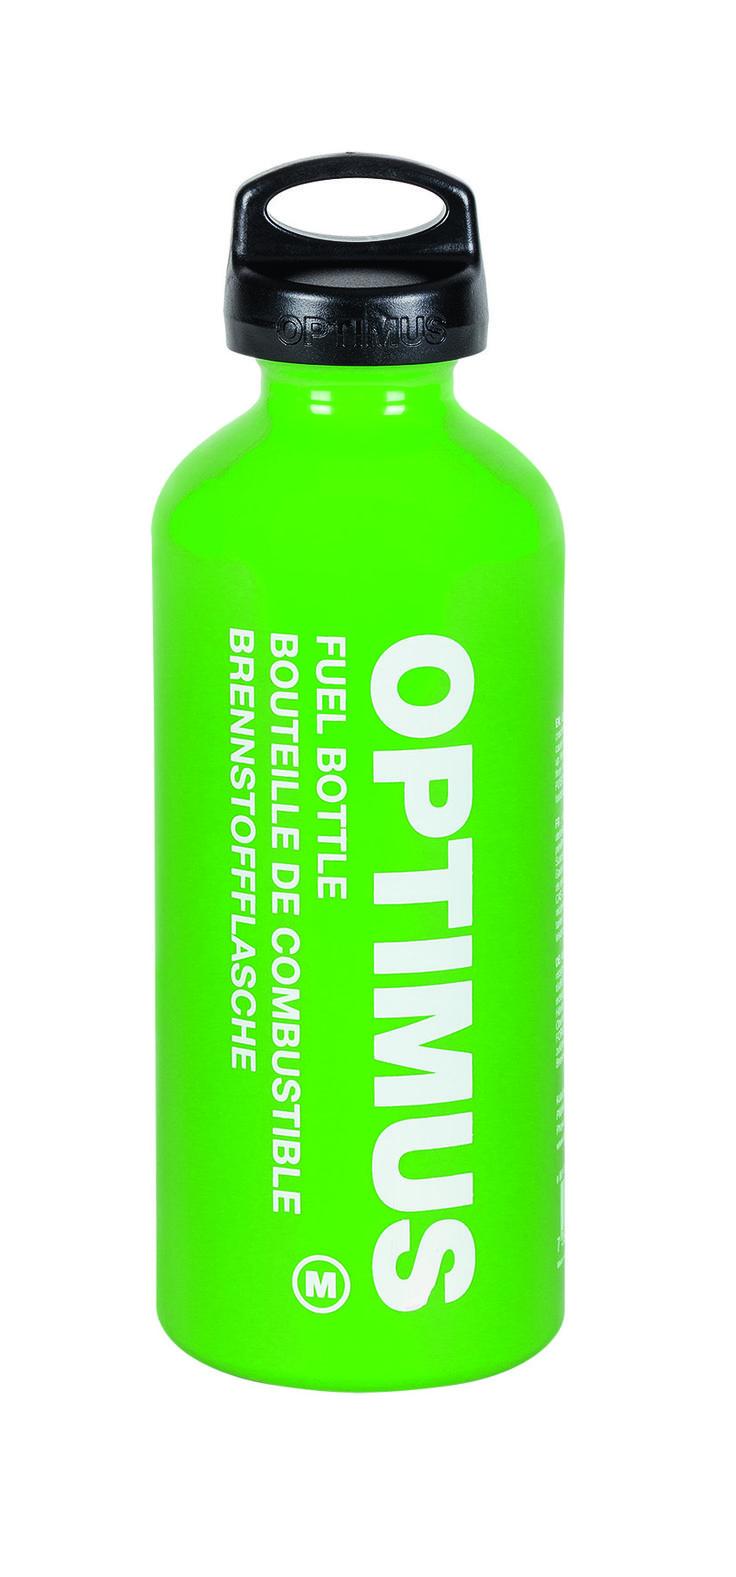 OPTIMUS FUEL BOTTLE SIZE M 0,6L